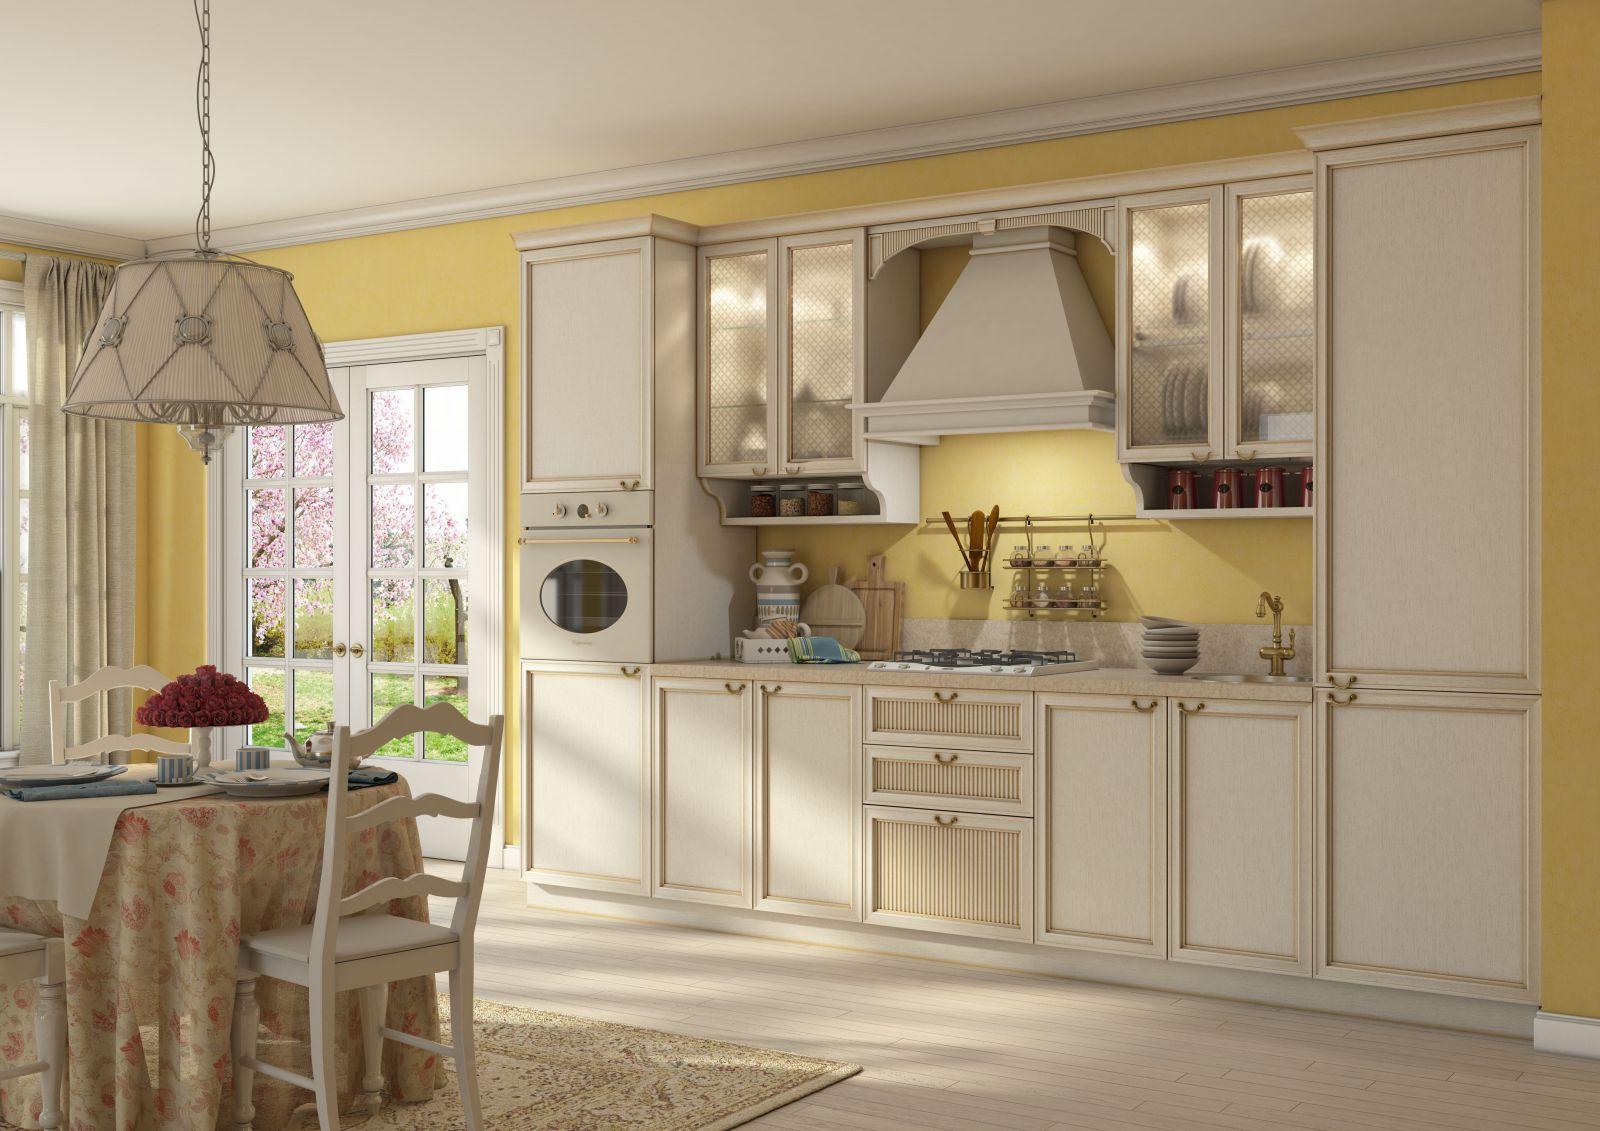 Советы по оптимизации кухонного пространства - фото №3